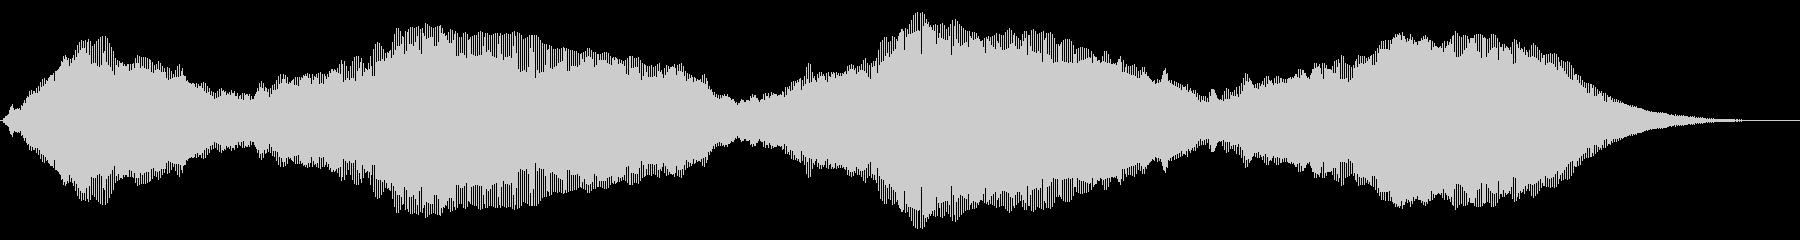 ウォームドローンの未再生の波形